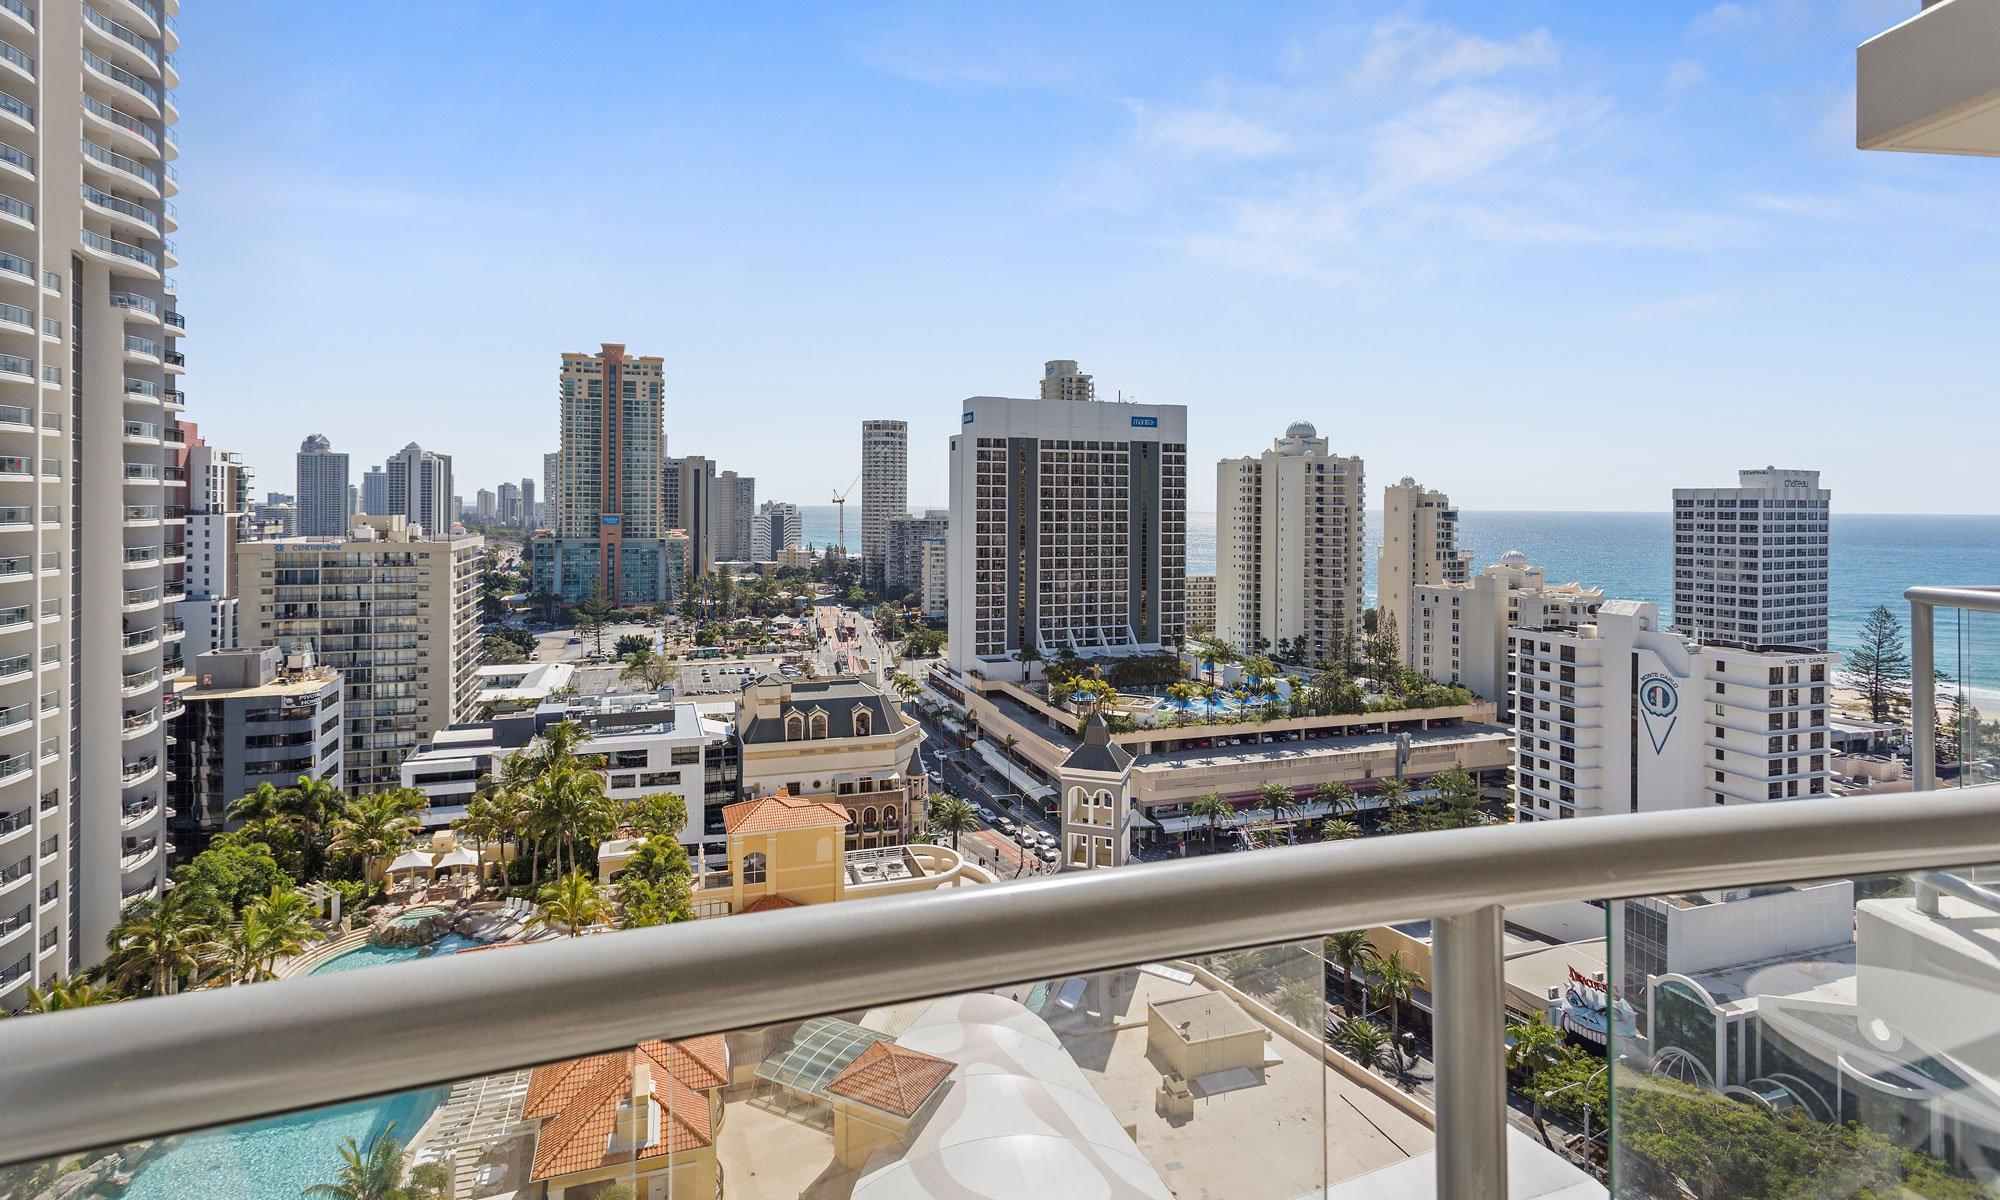 Gold Coast real estate for sale Chevron Renaissance 1171 views